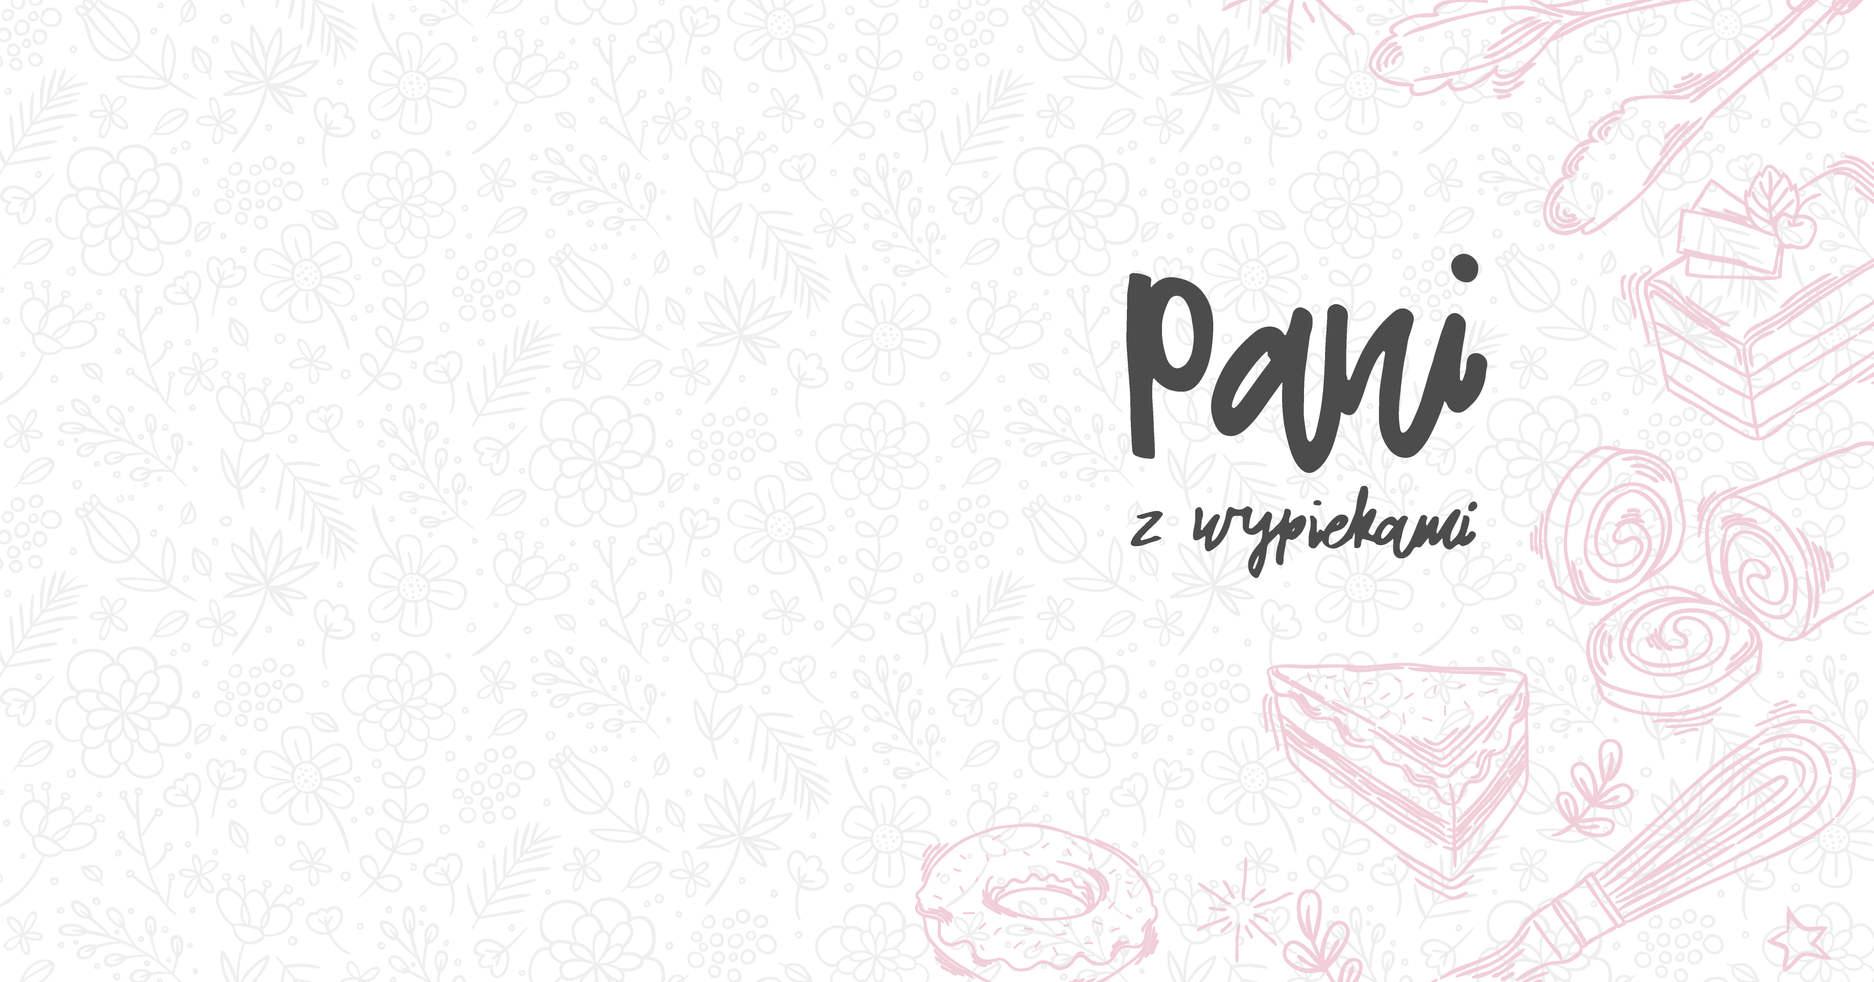 PANI-3.jpg